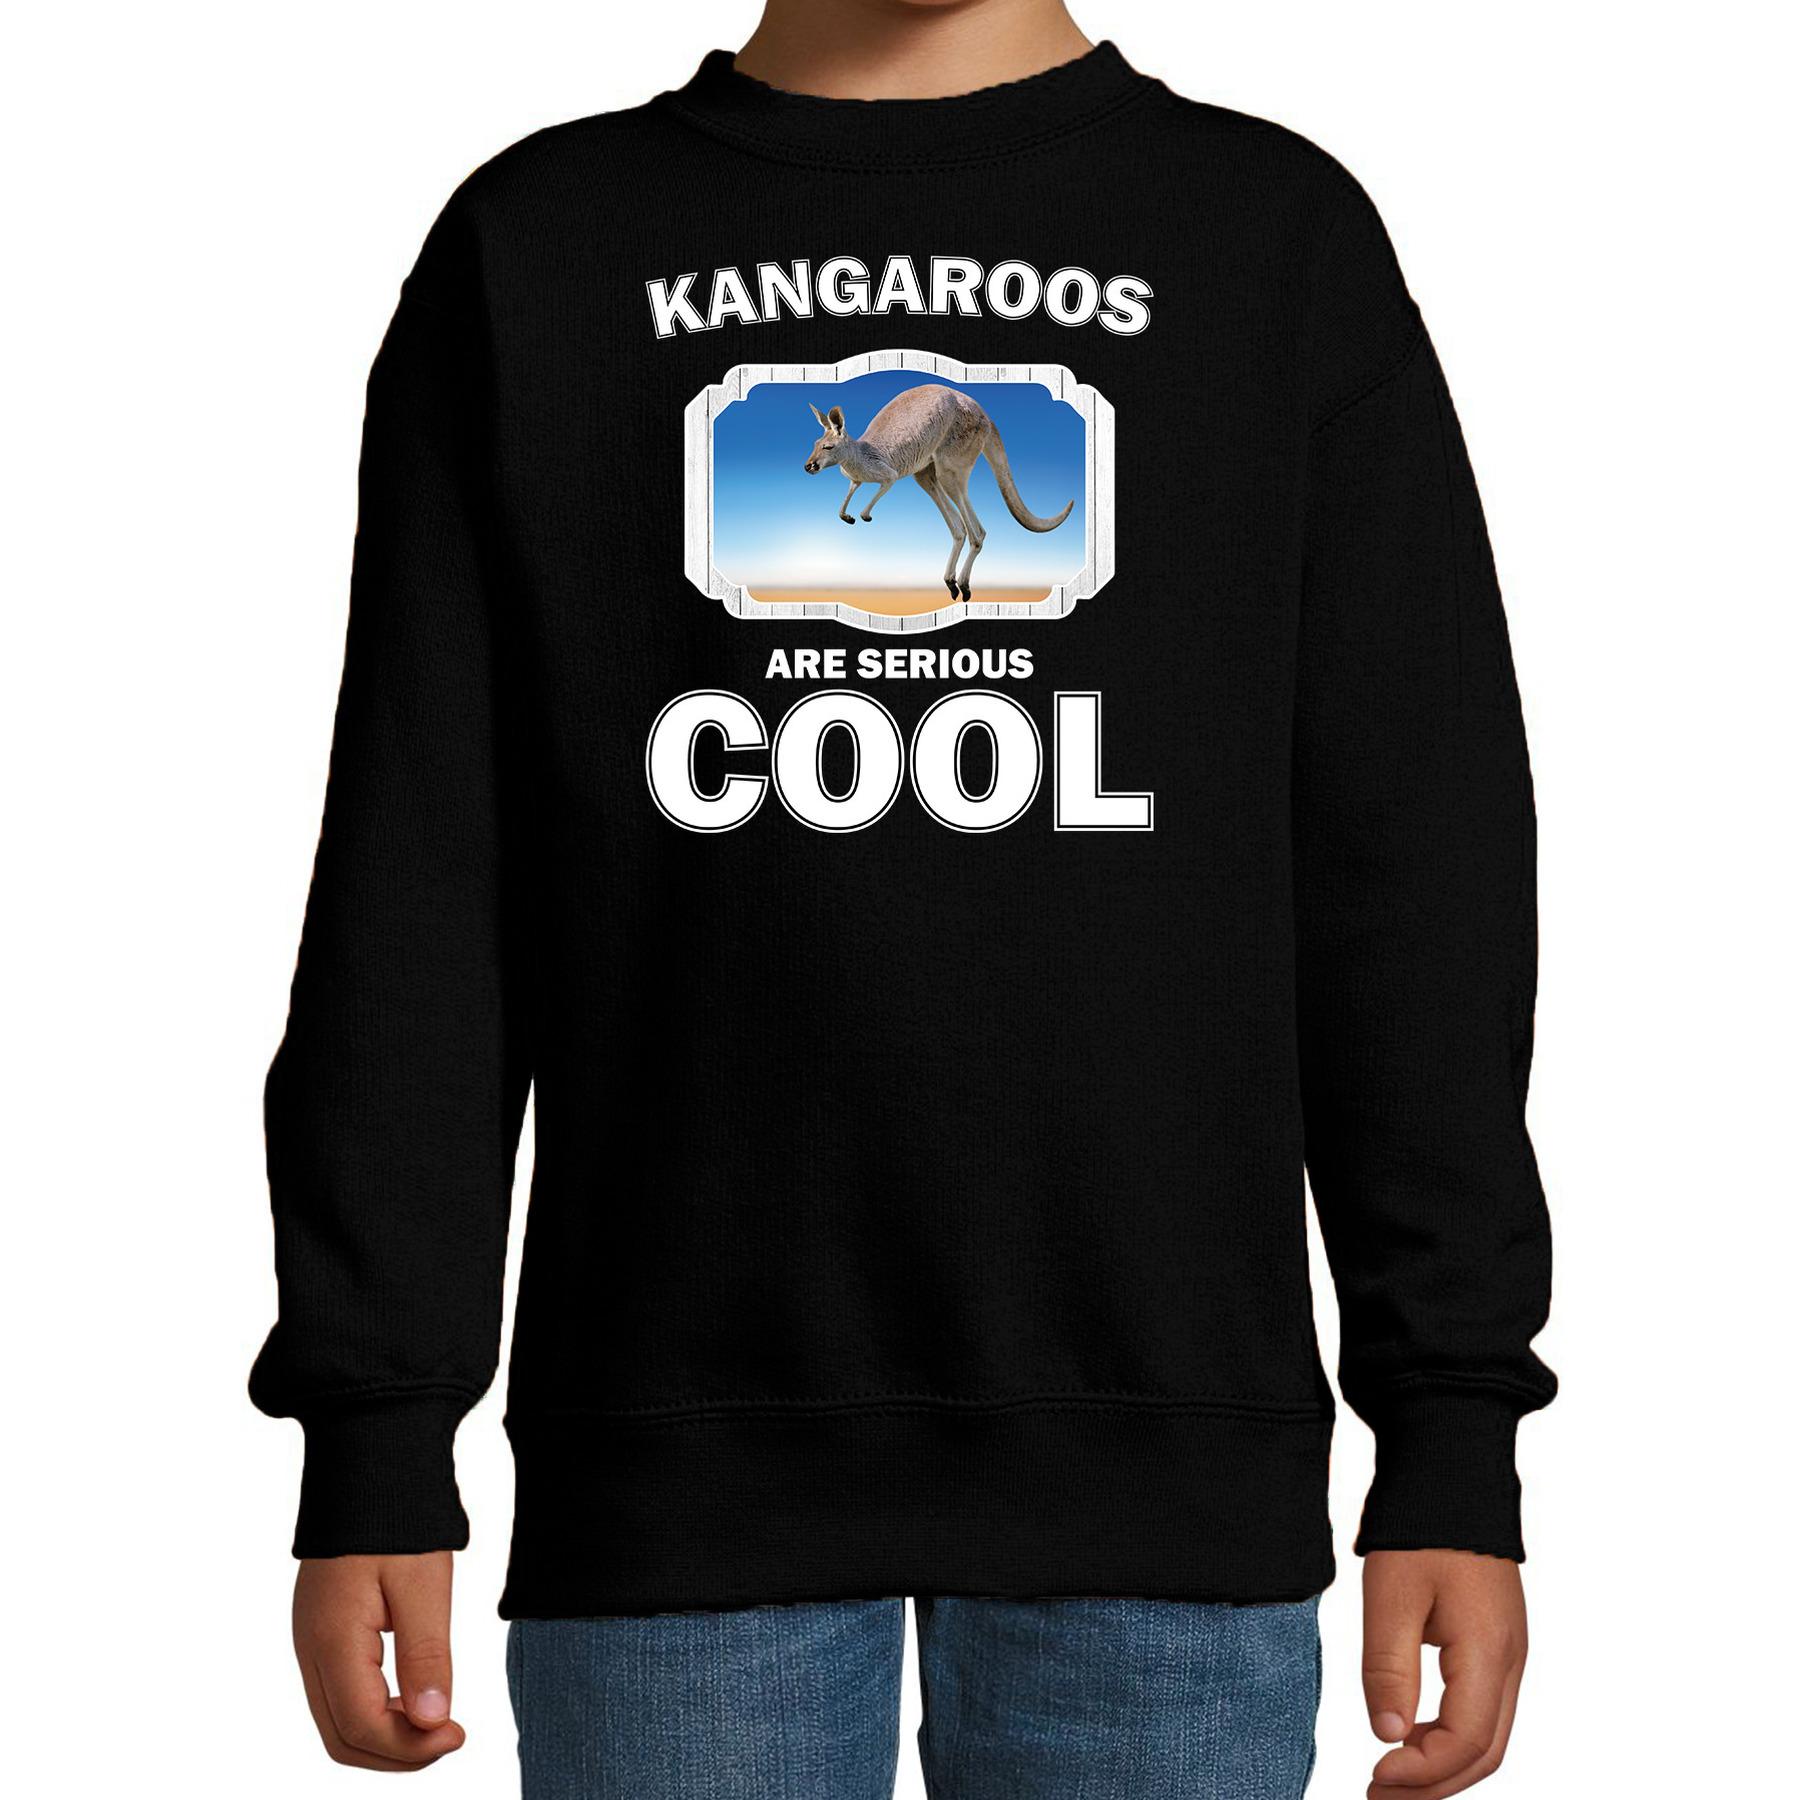 Sweater kangaroos are serious cool zwart kinderen - kangoeroes/ kangoeroe trui